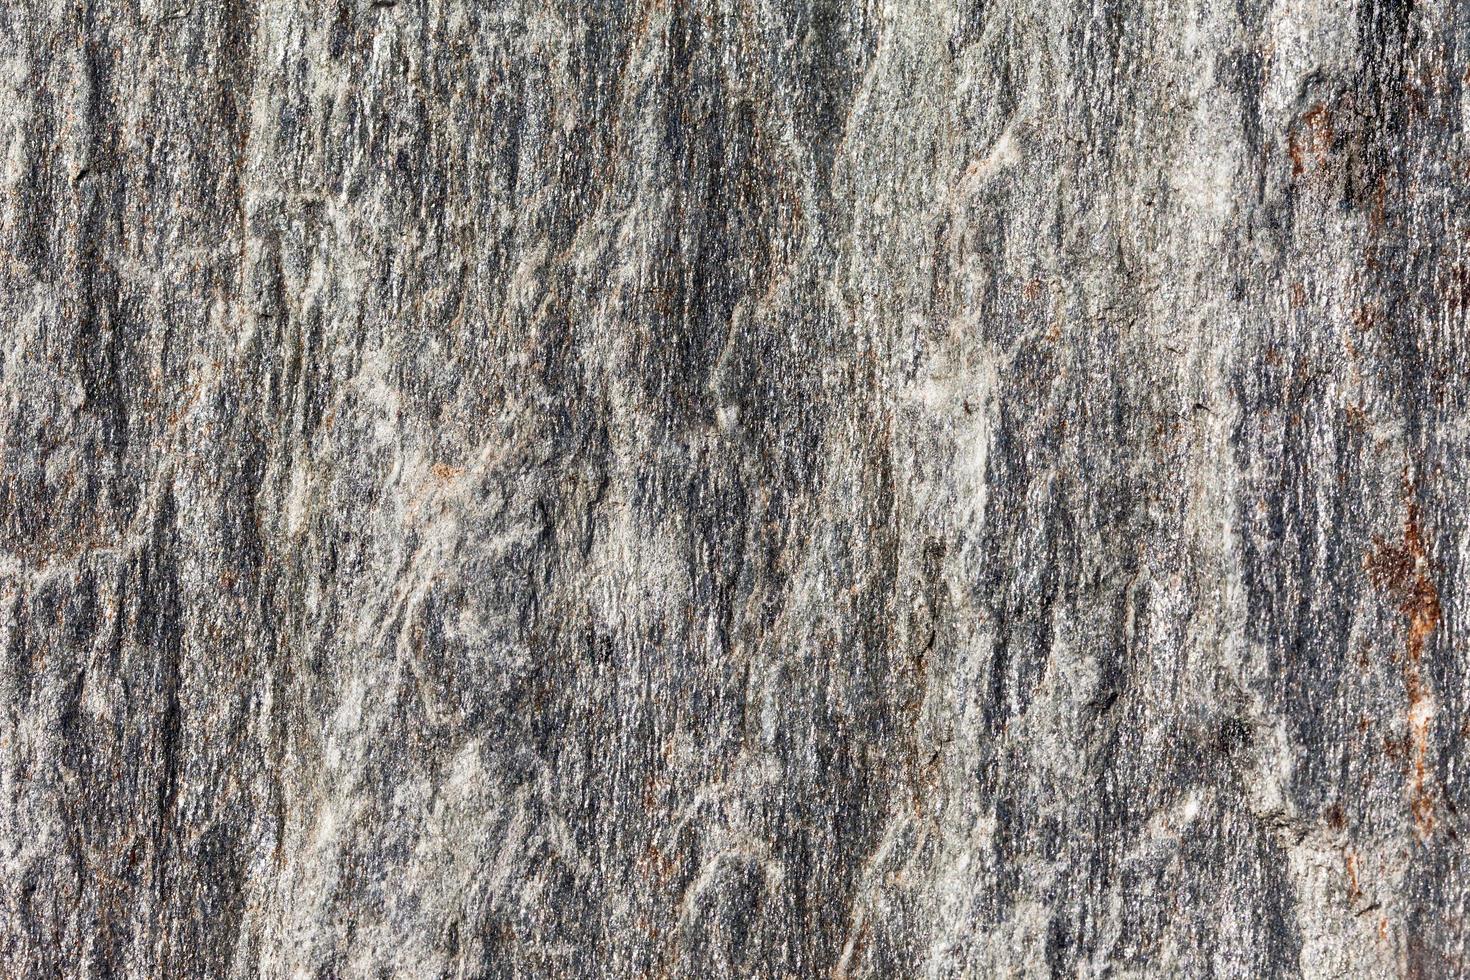 Rock Granit Textur Hintergrund foto